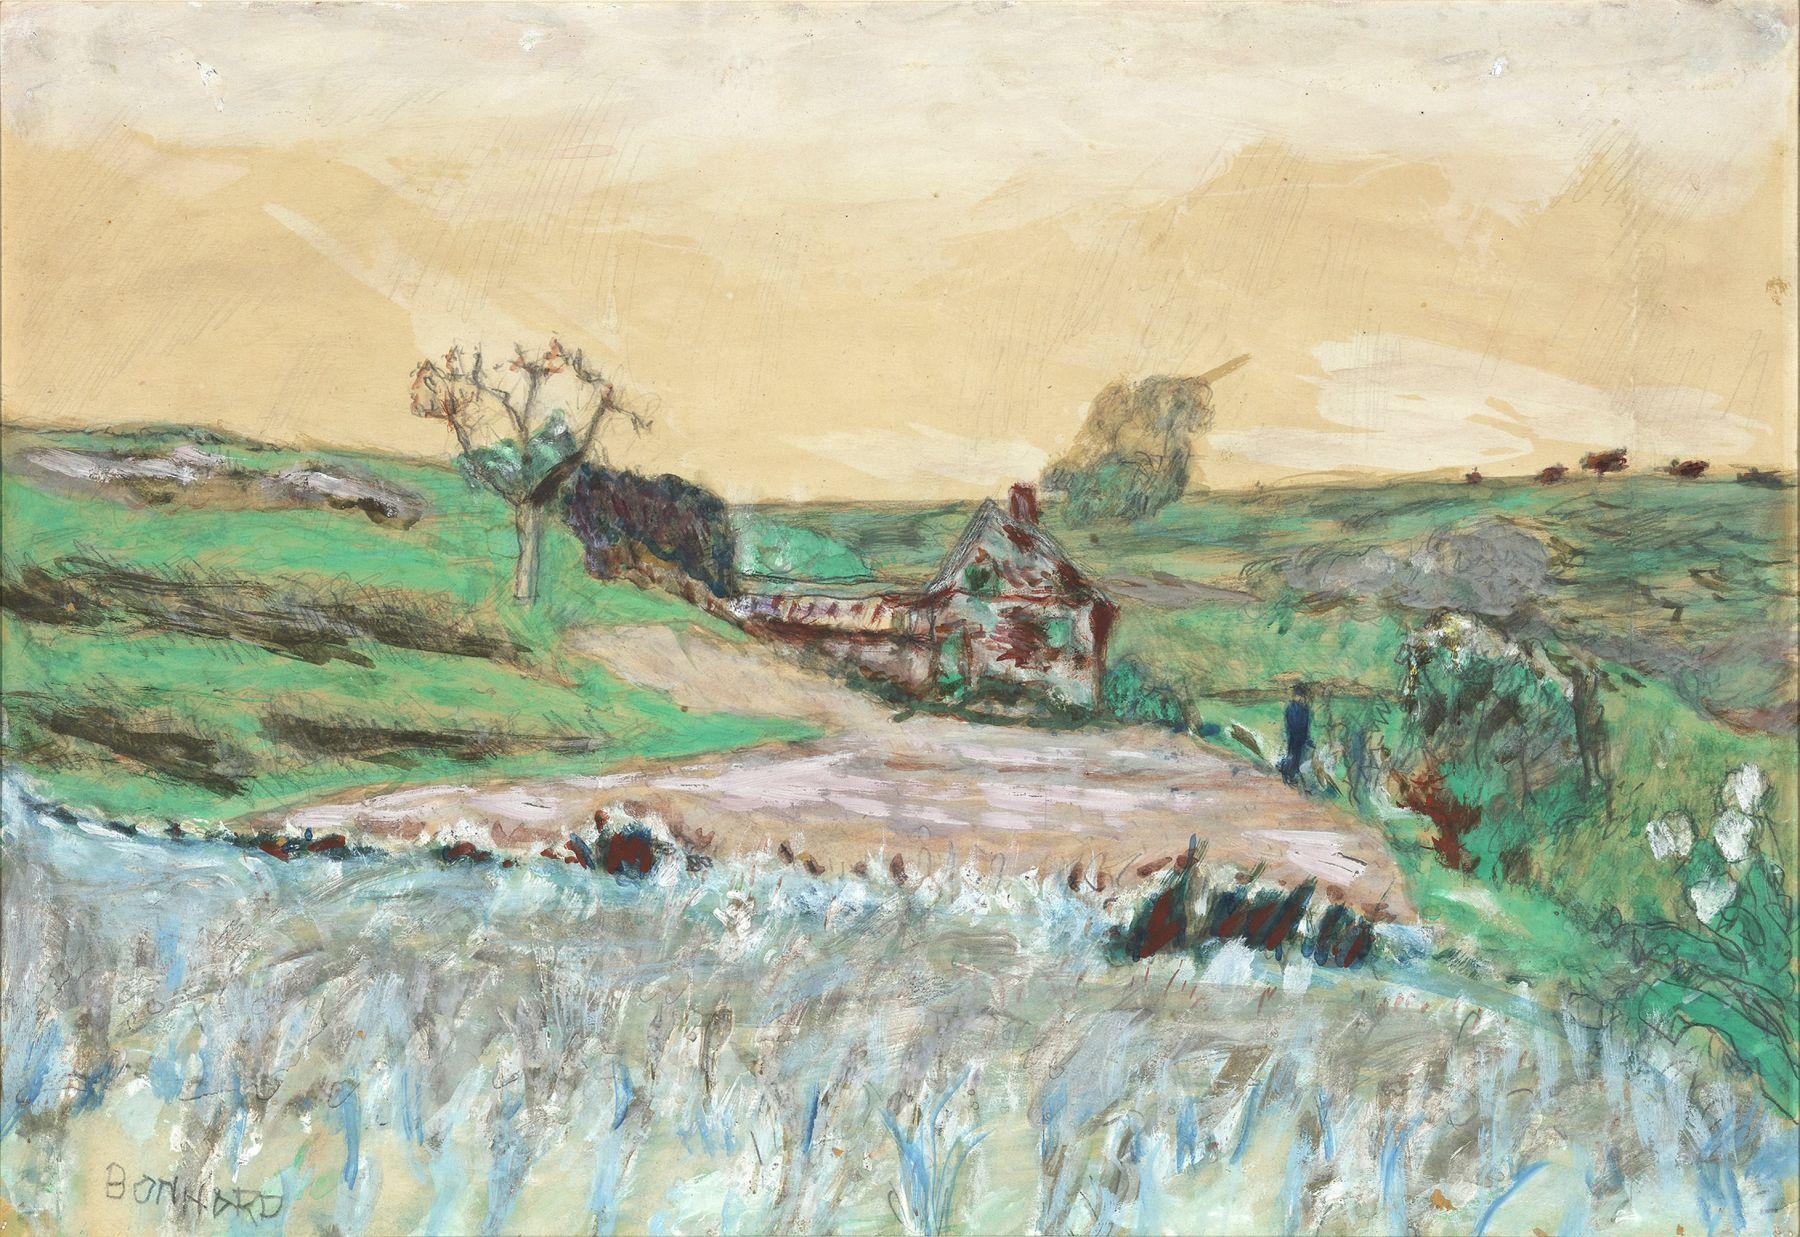 Pierre Bonnard   Maison dans la Vallee, c. 1922  Watercolor, oil, gouache and pencil 11 x 15 3/8 inches